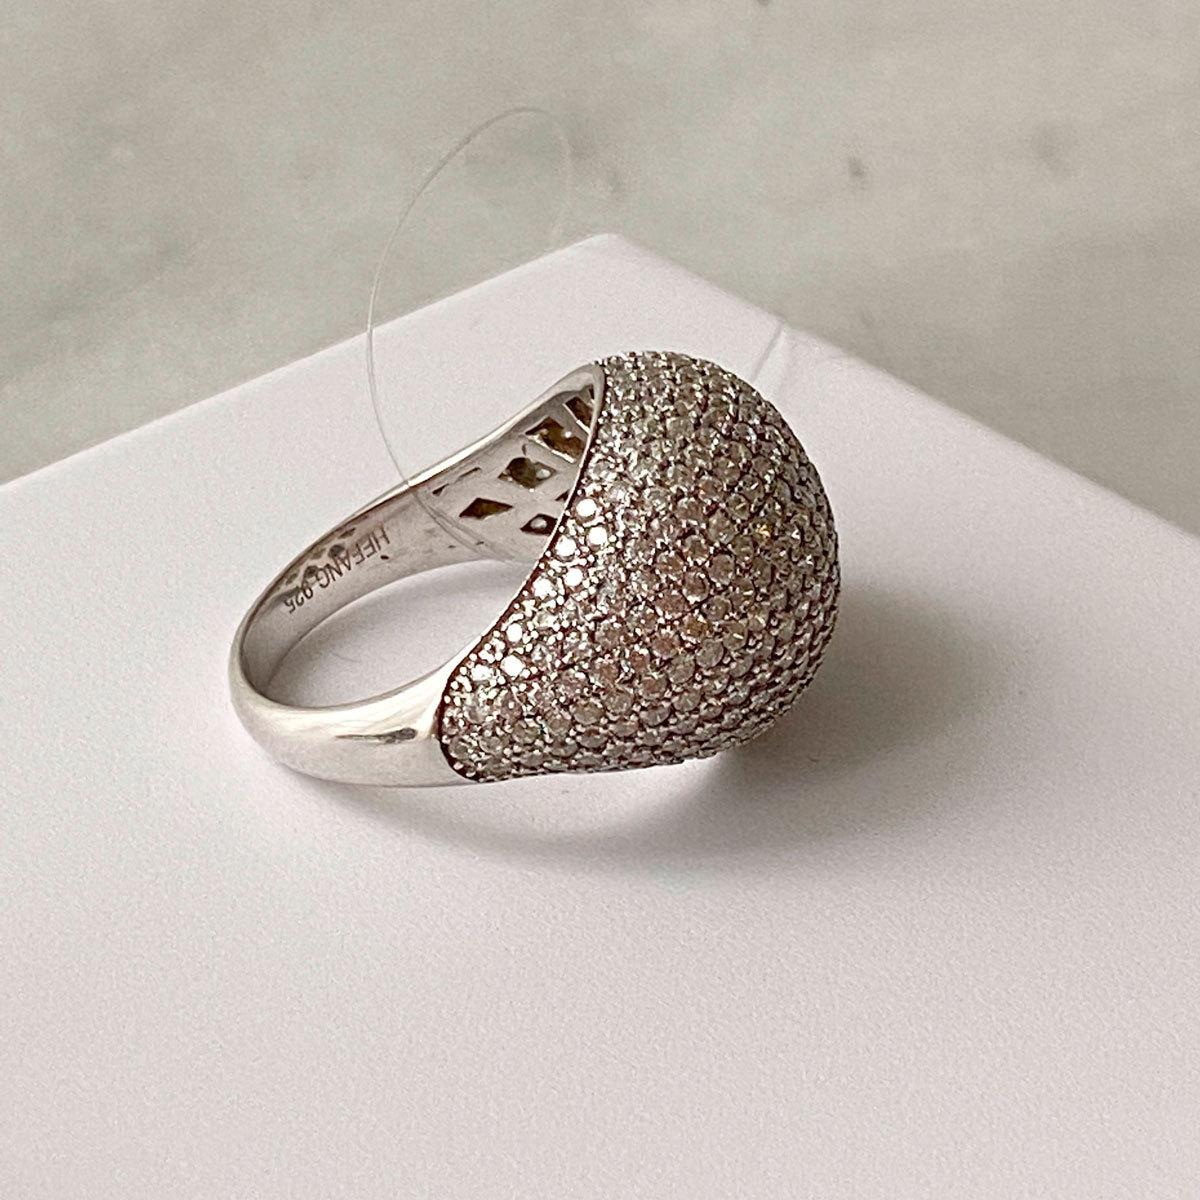 Кольцо с объемным пале (цирконы, серебро 925)